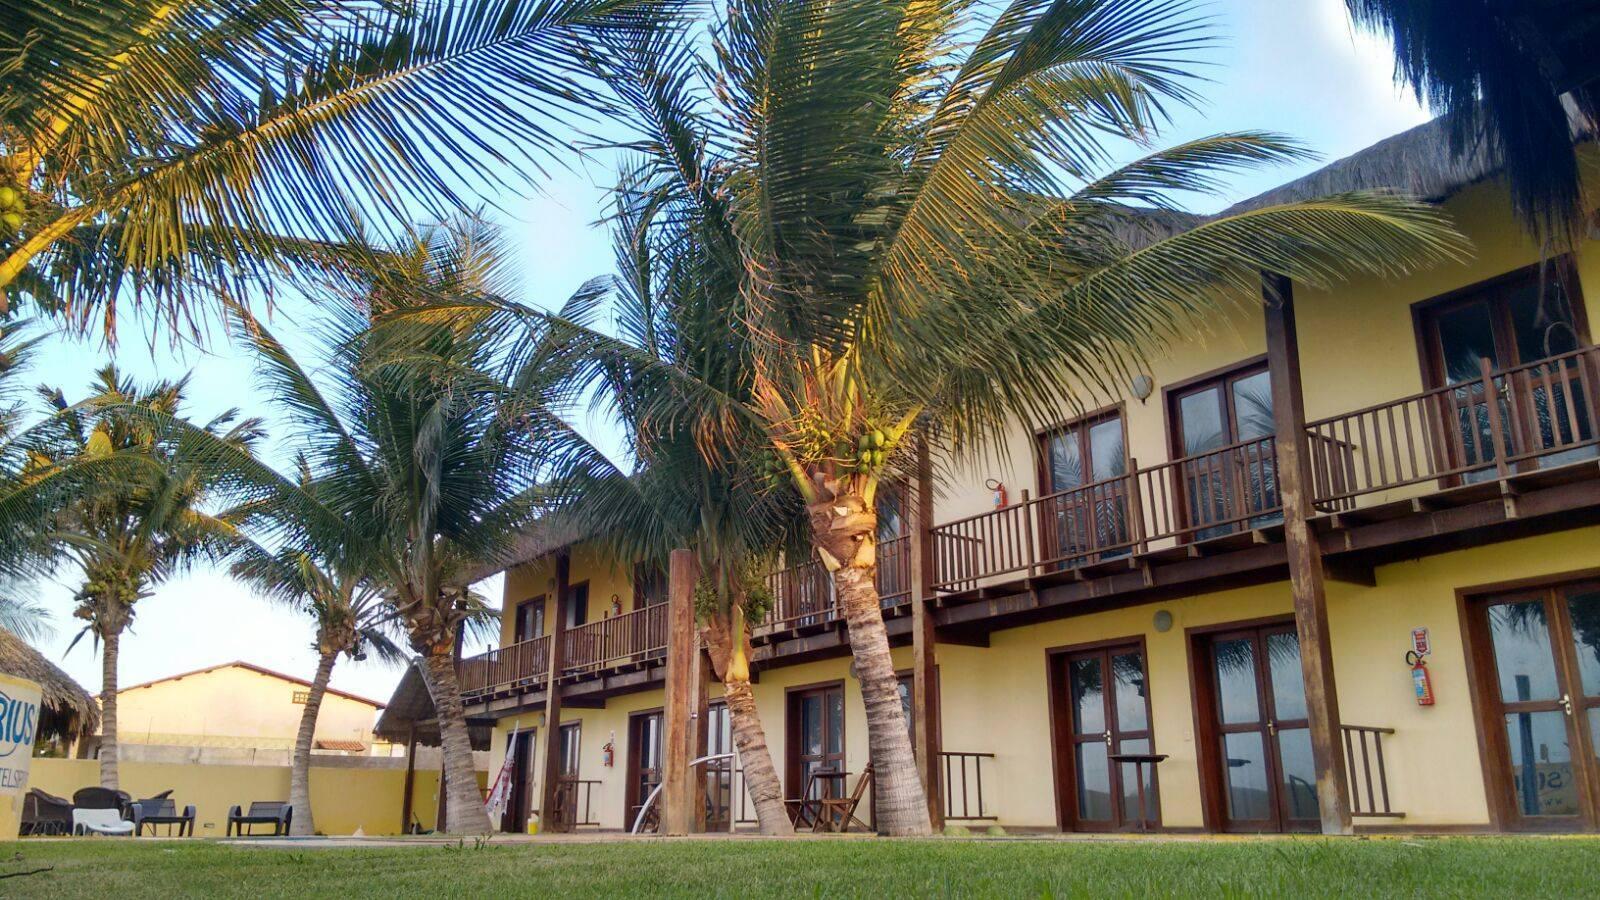 Aproveite Canoa na alta temporada! 2 diárias para 4 adultos e 1 criança em Chalé Duplex por apenas R$499 na Pousada Sirius Canoa